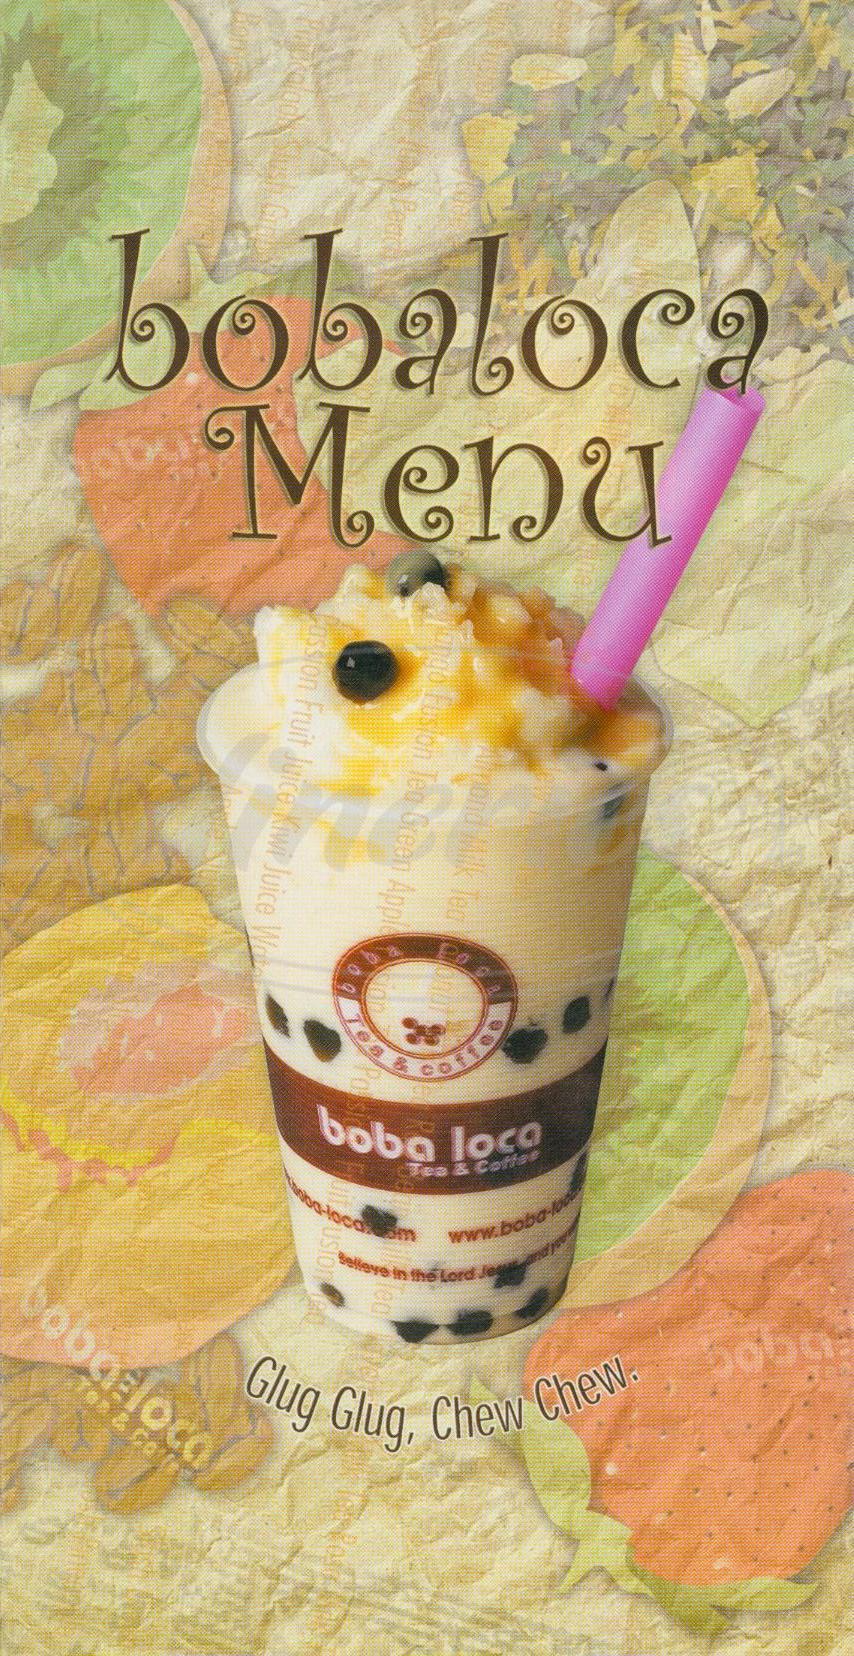 menu for Boba Loca